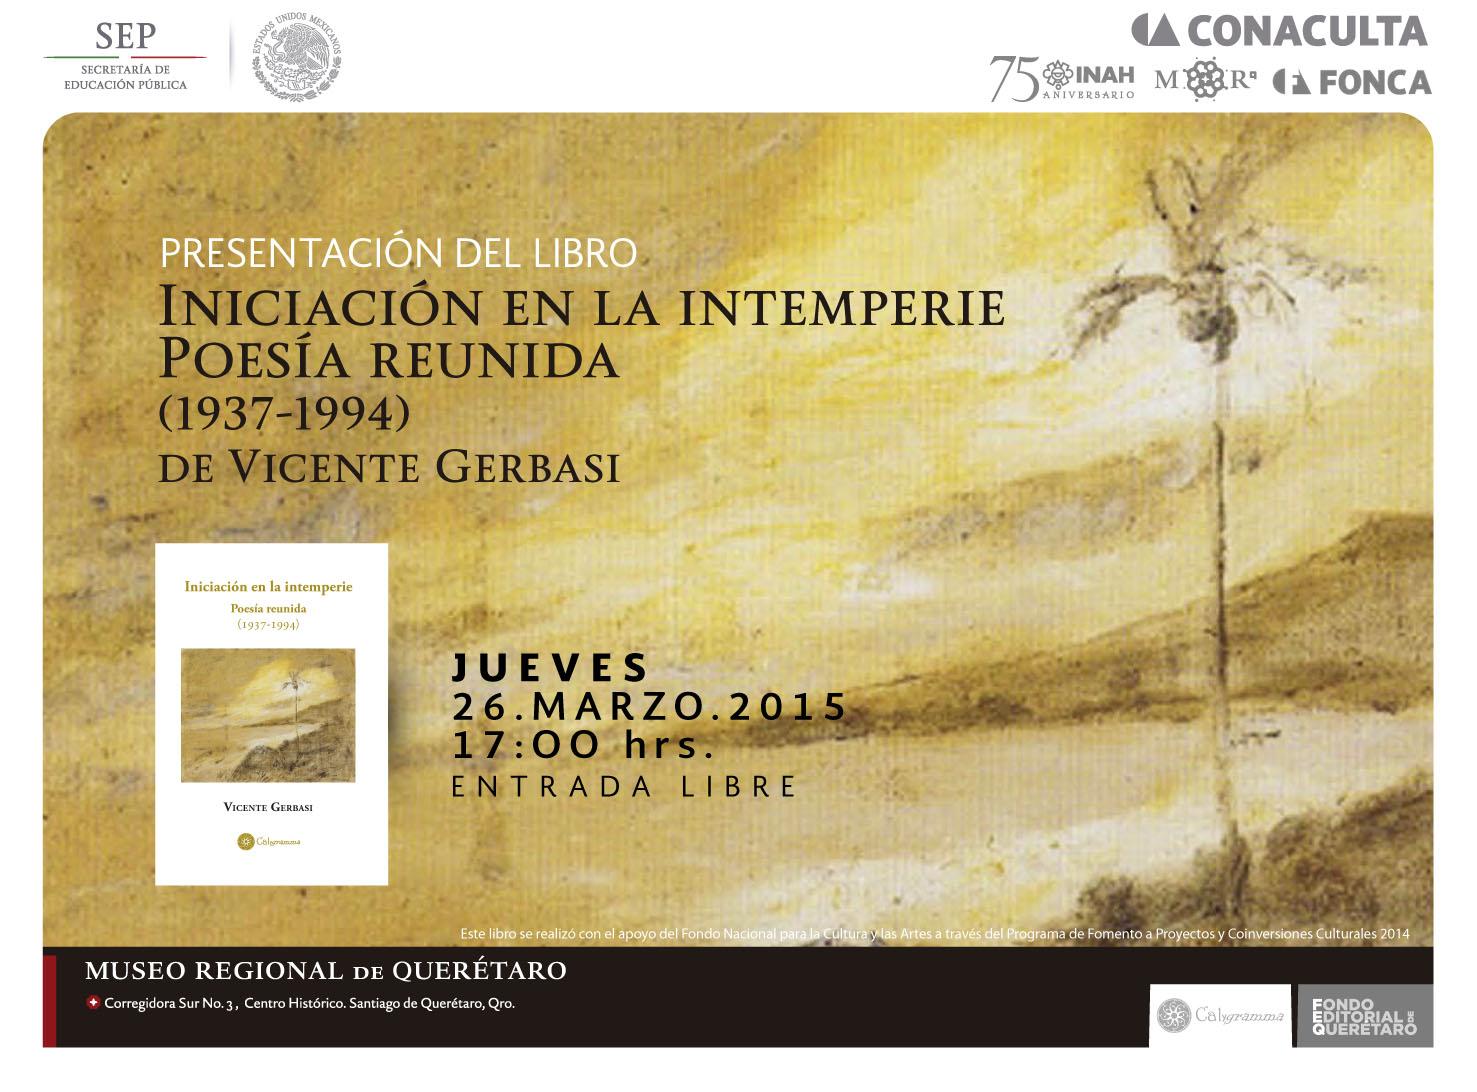 Iniciación en la intemperie – de Vicente Gerbasi